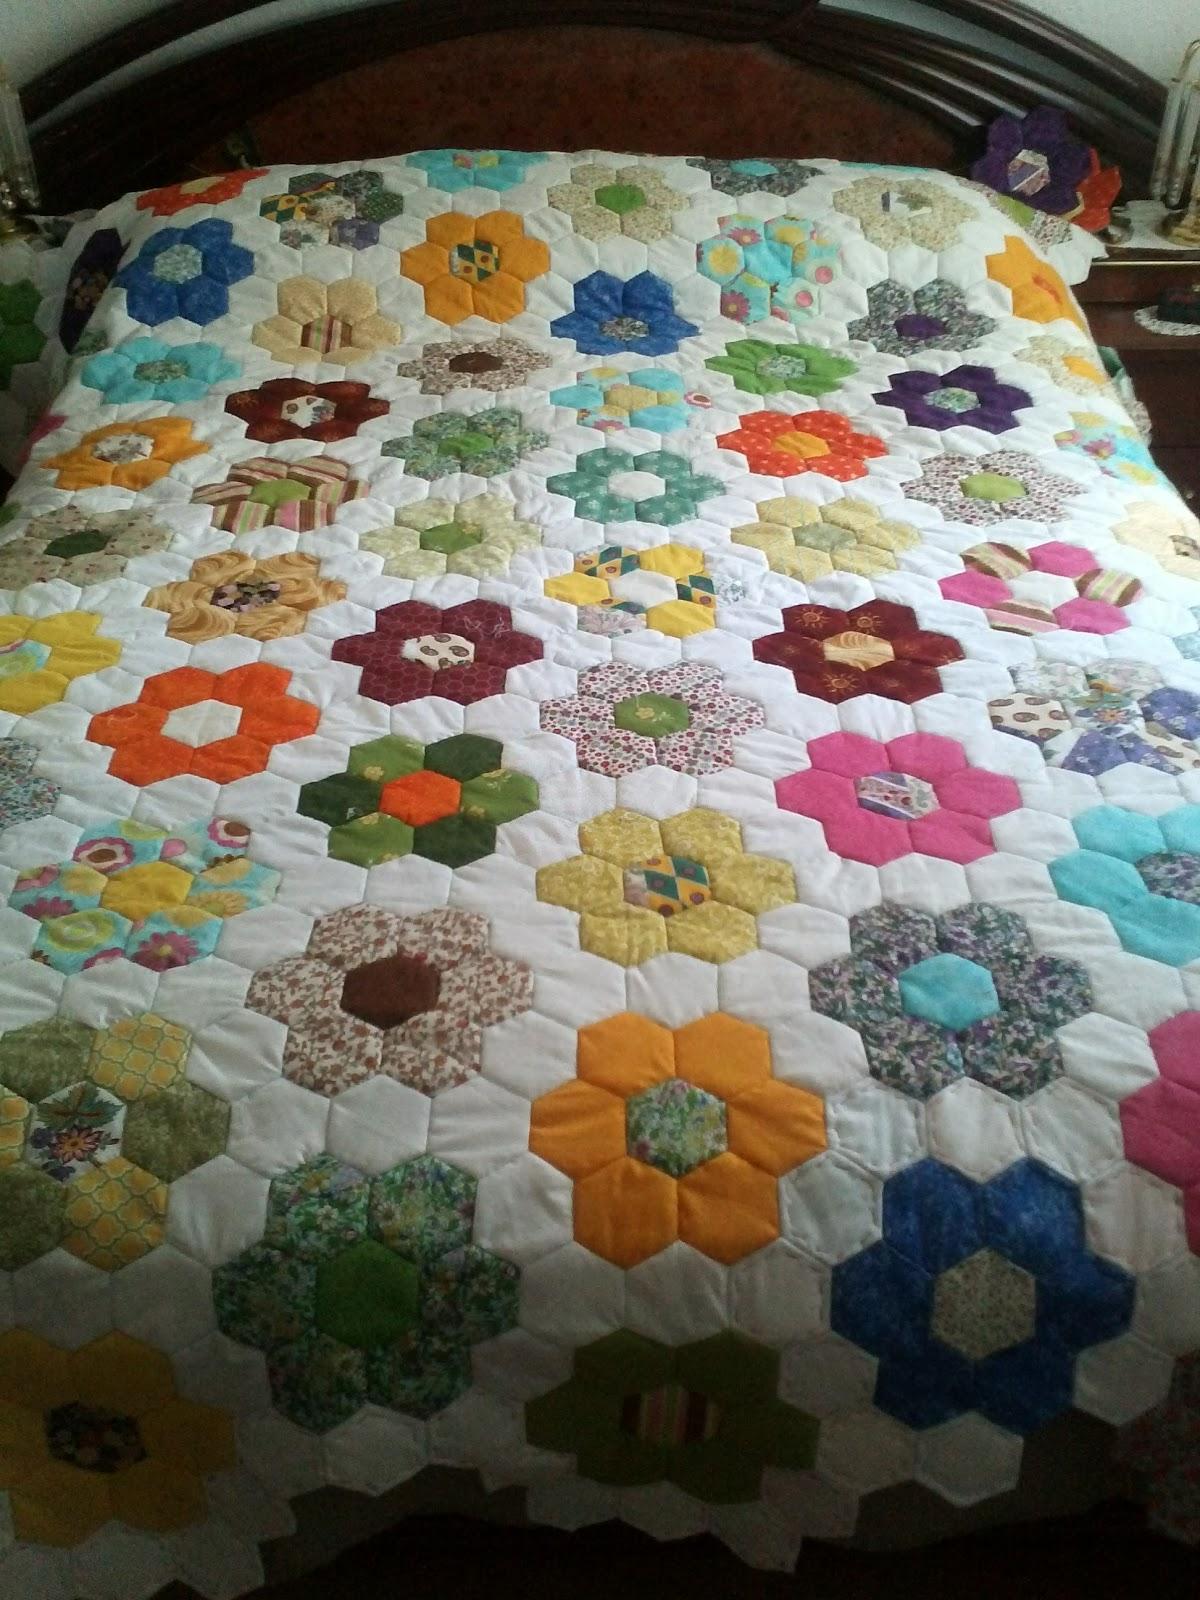 El rincon de angela colcha de patchwork - Como hacer pachwork ...